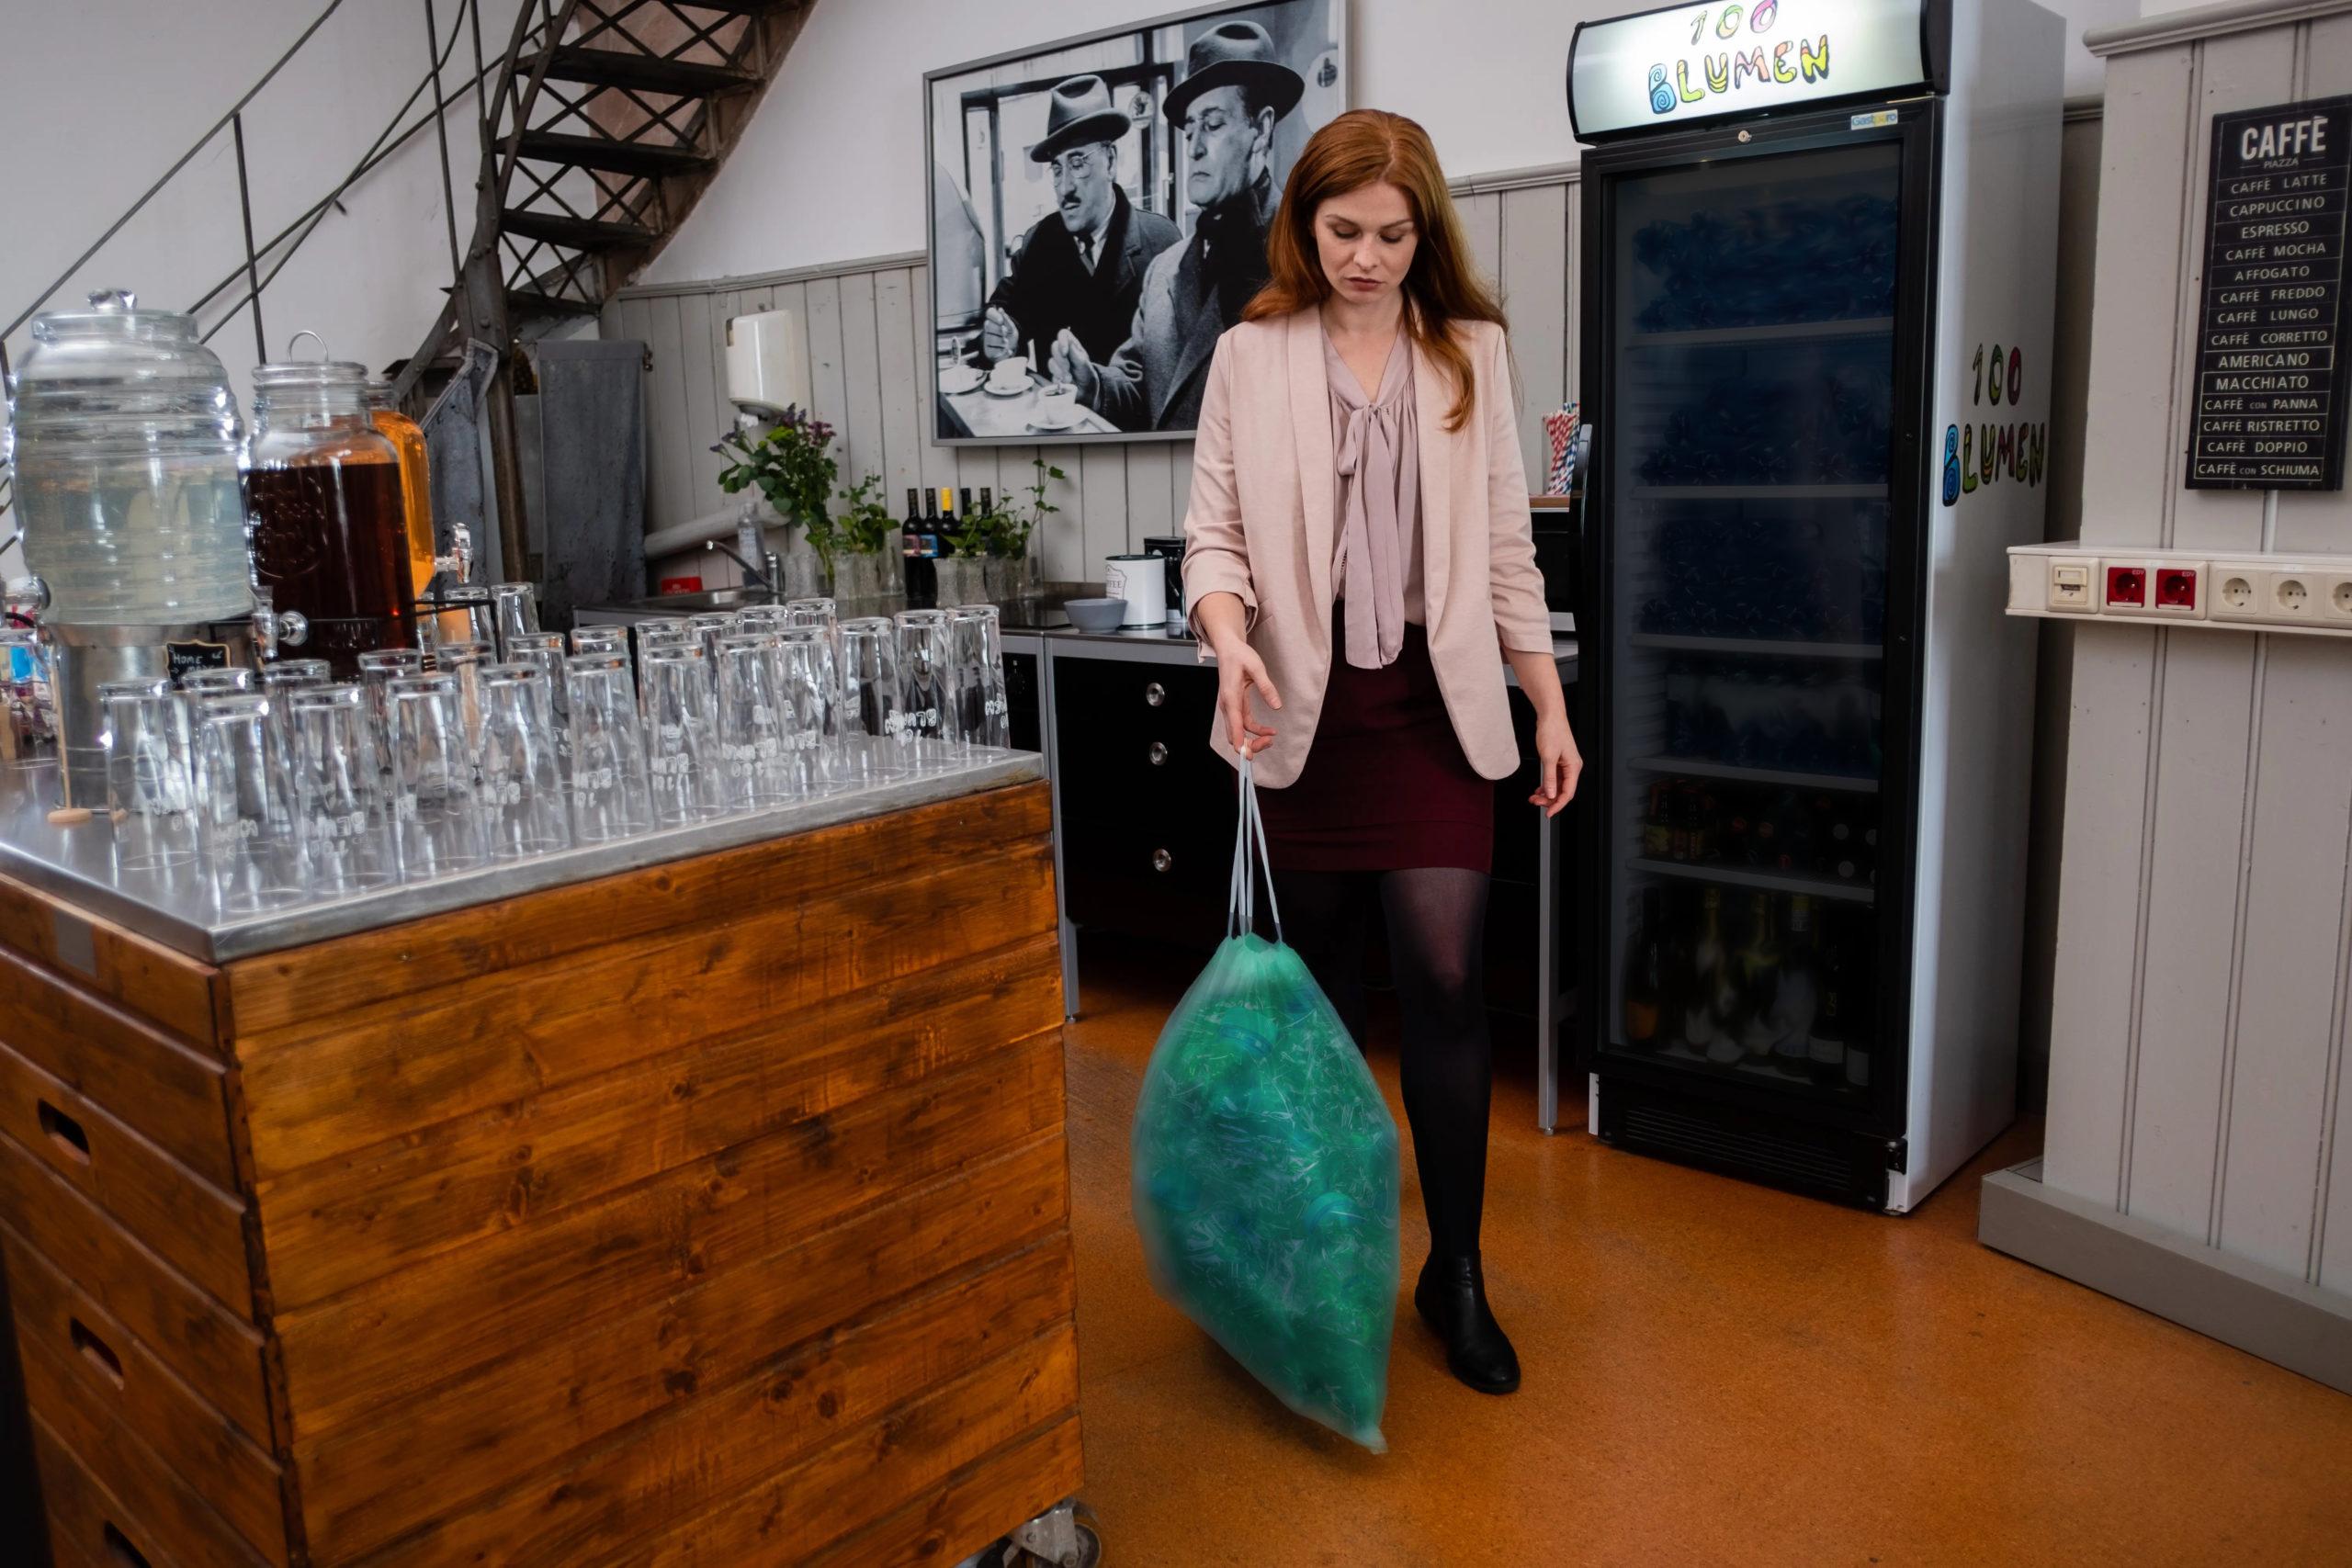 Frau Bringt Plastikflaschen Zum Mist